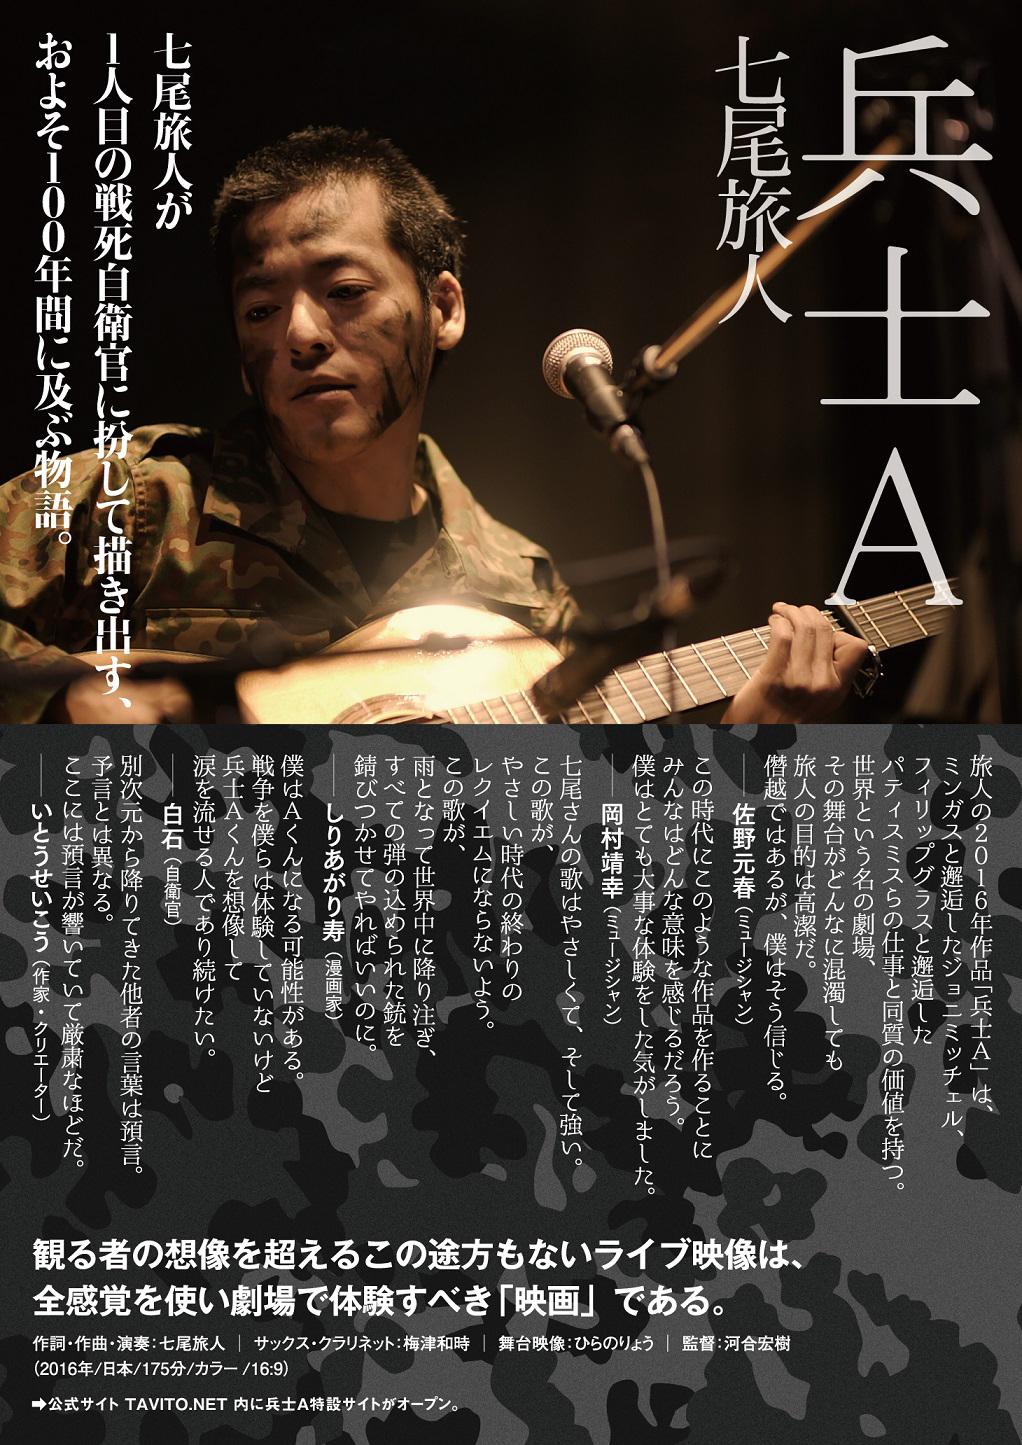 七尾旅人が1人目の戦死自衛官に扮するライブ映像『兵士A』終戦記念日より限定上映決定 film160804_tavito_2